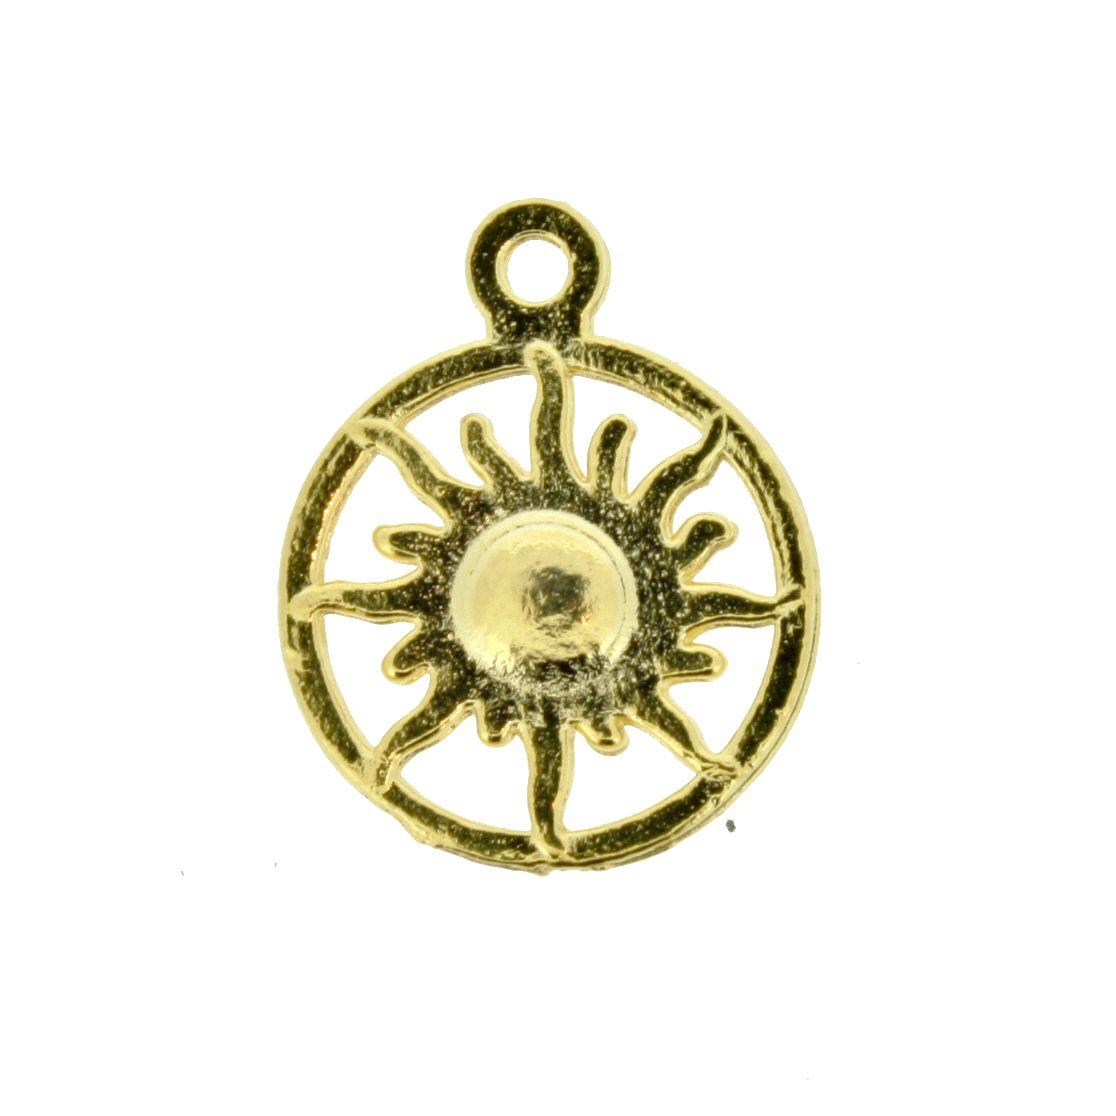 Sol - Dourado - 20mm  - Stéphanie Bijoux® - Peças para Bijuterias e Artesanato